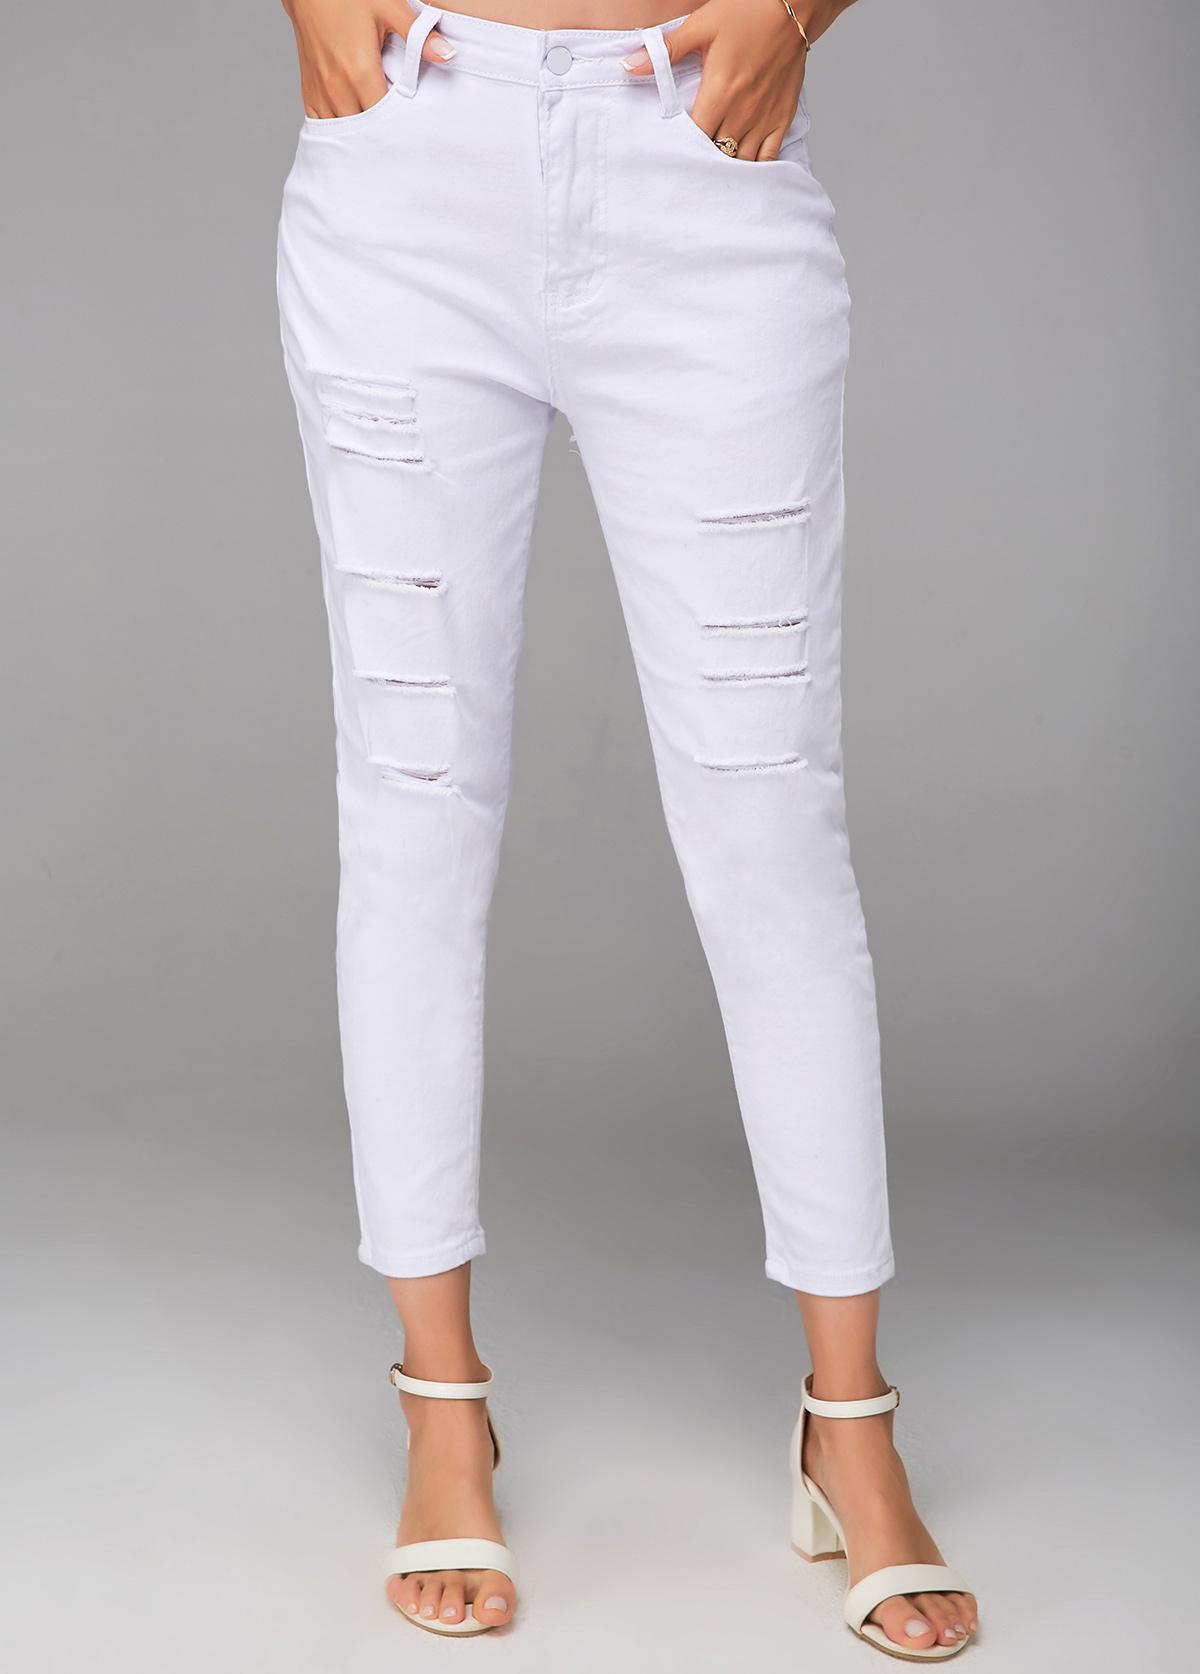 Shredded White Cropped Zipper Closure Pants